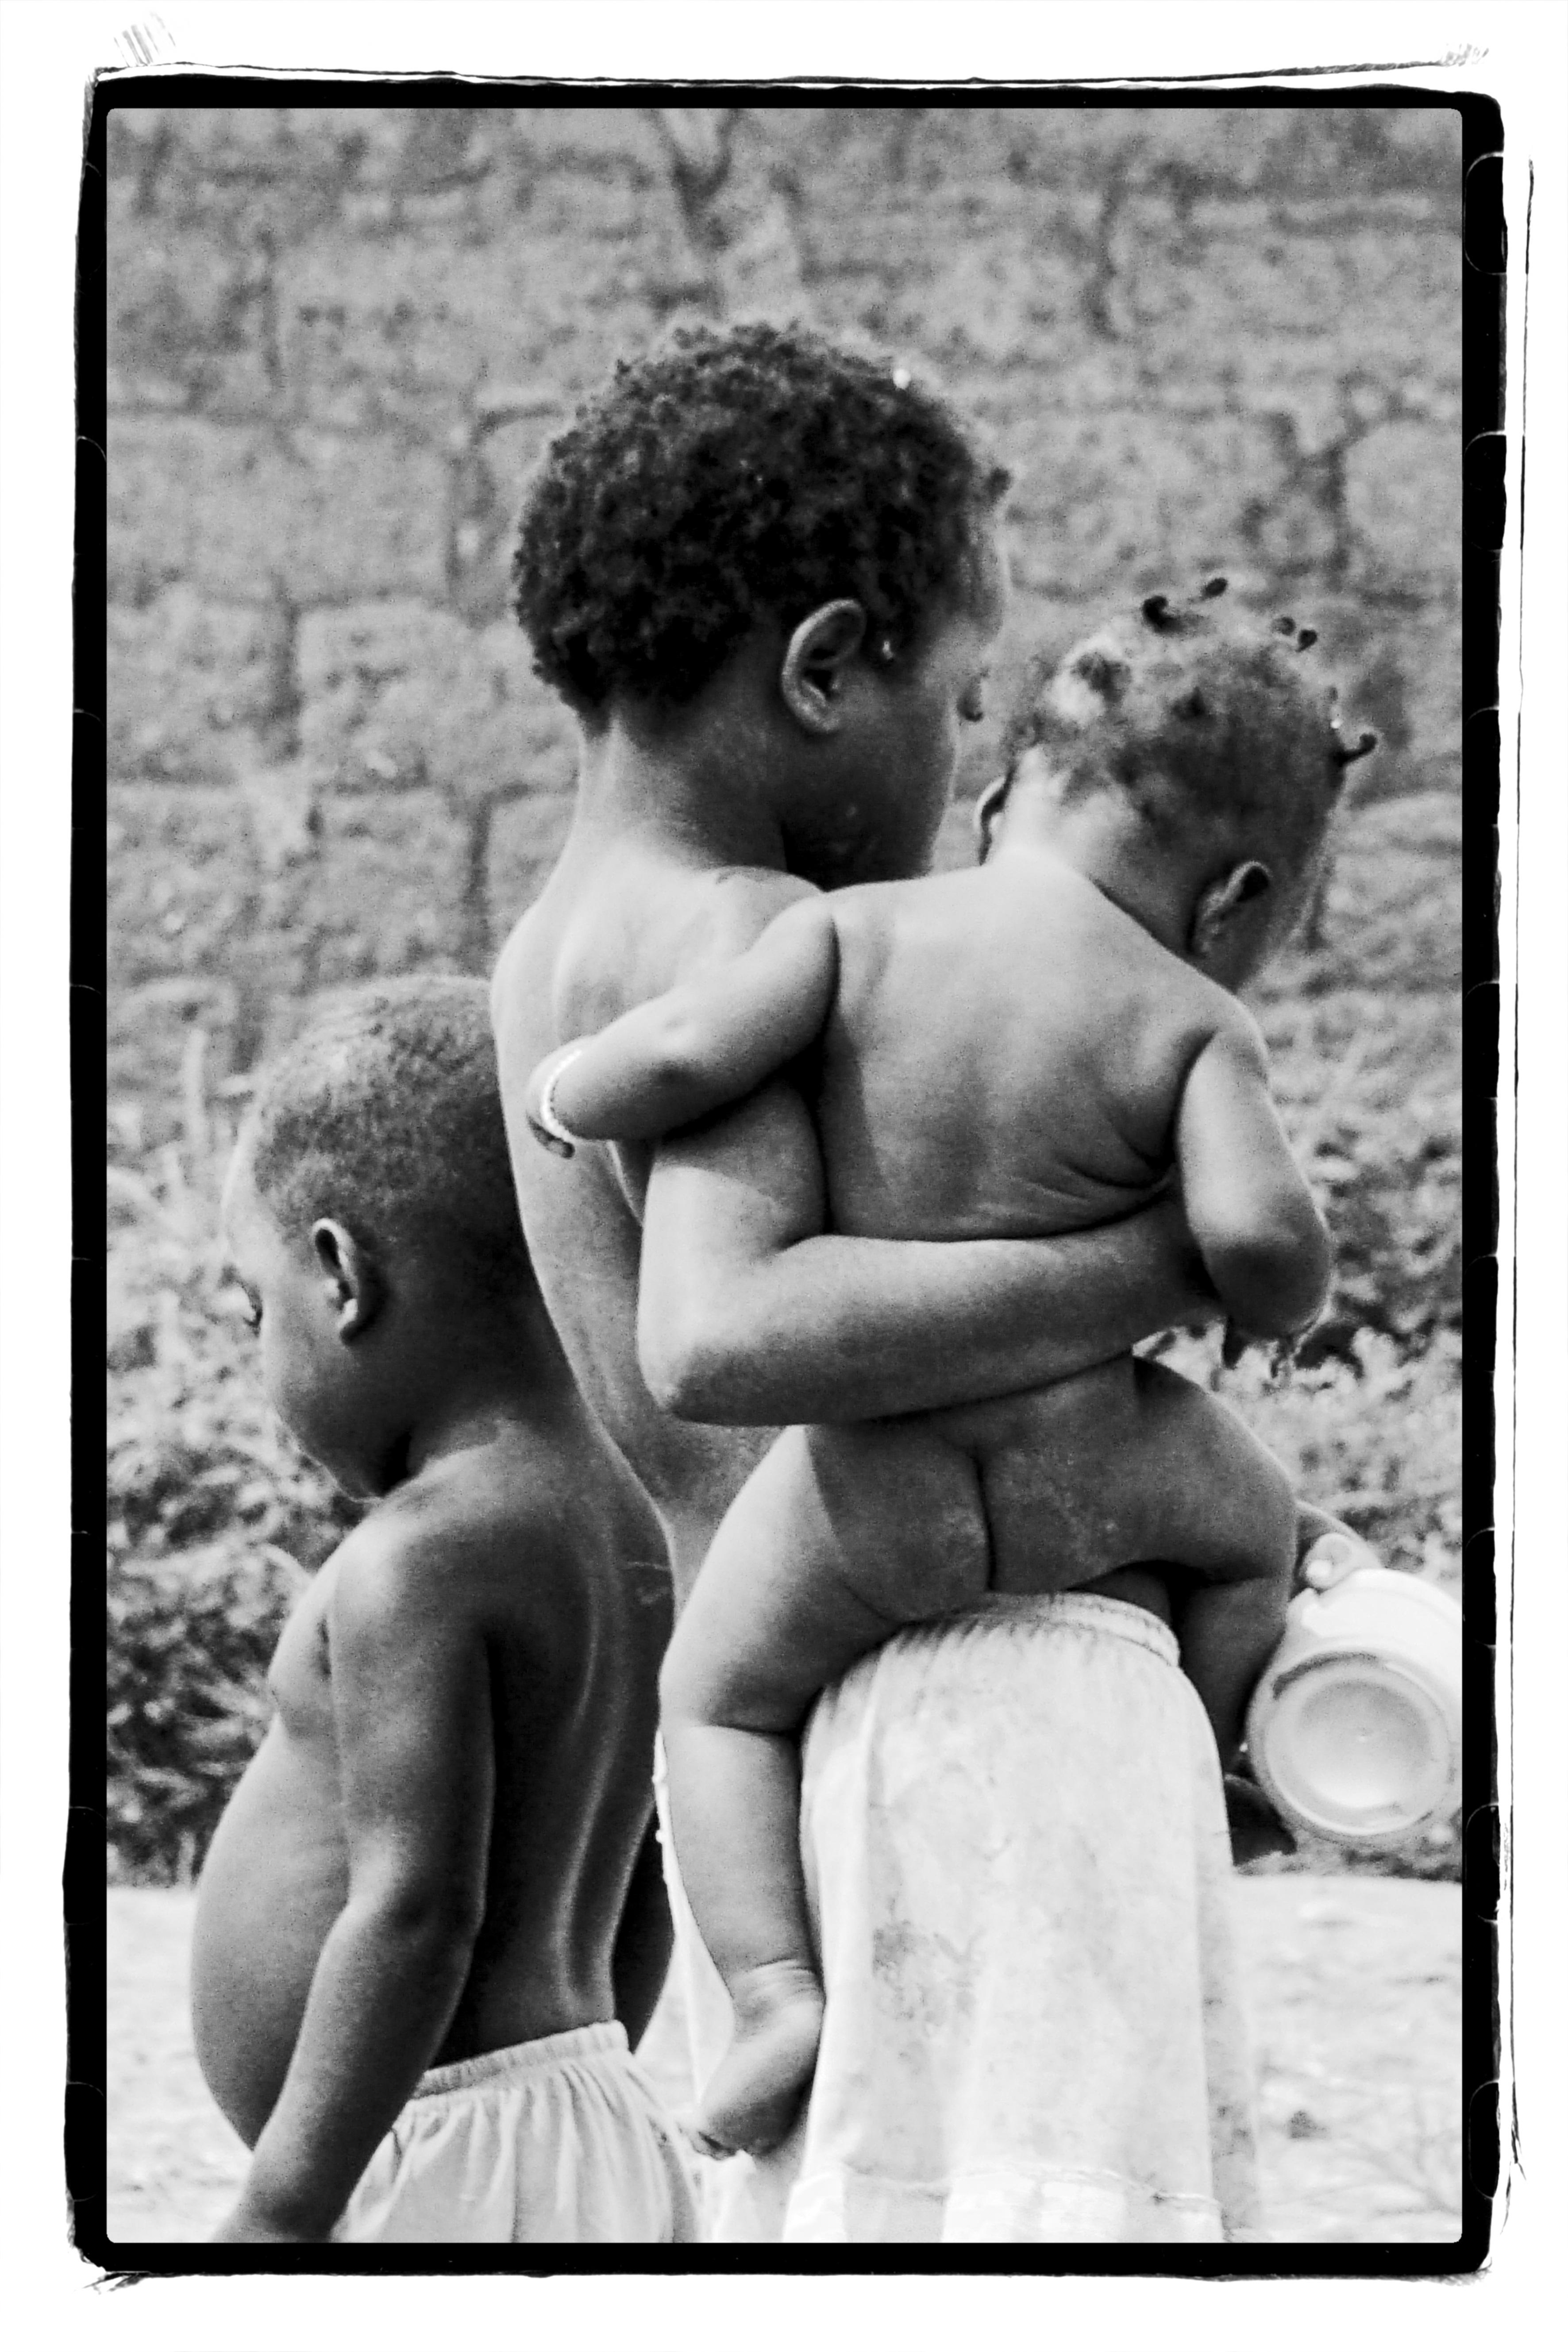 Images Gratuites La Personne Noir Et Blanc Fille Seul